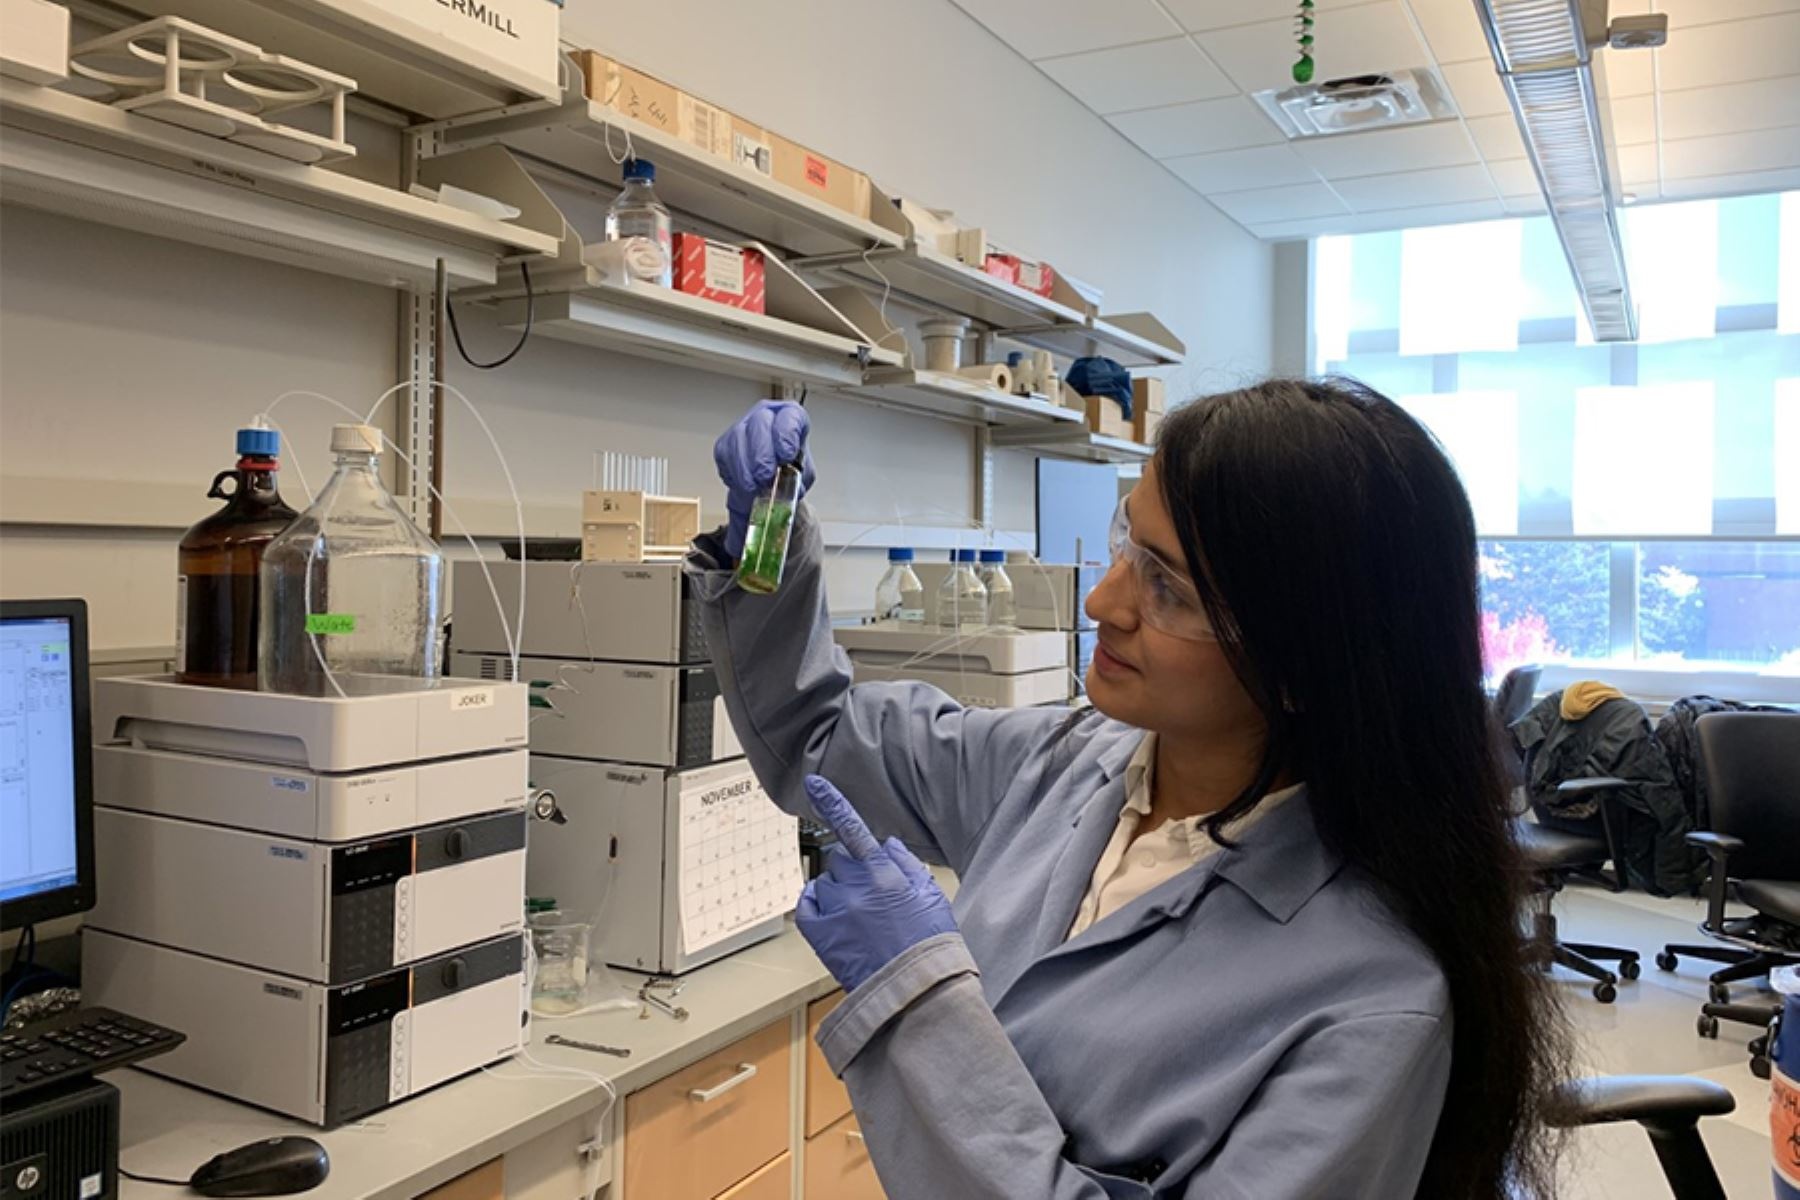 Científica peruana Rosa Vásquez analiza muestras de algas de Michigan, donde cursa su doctorado